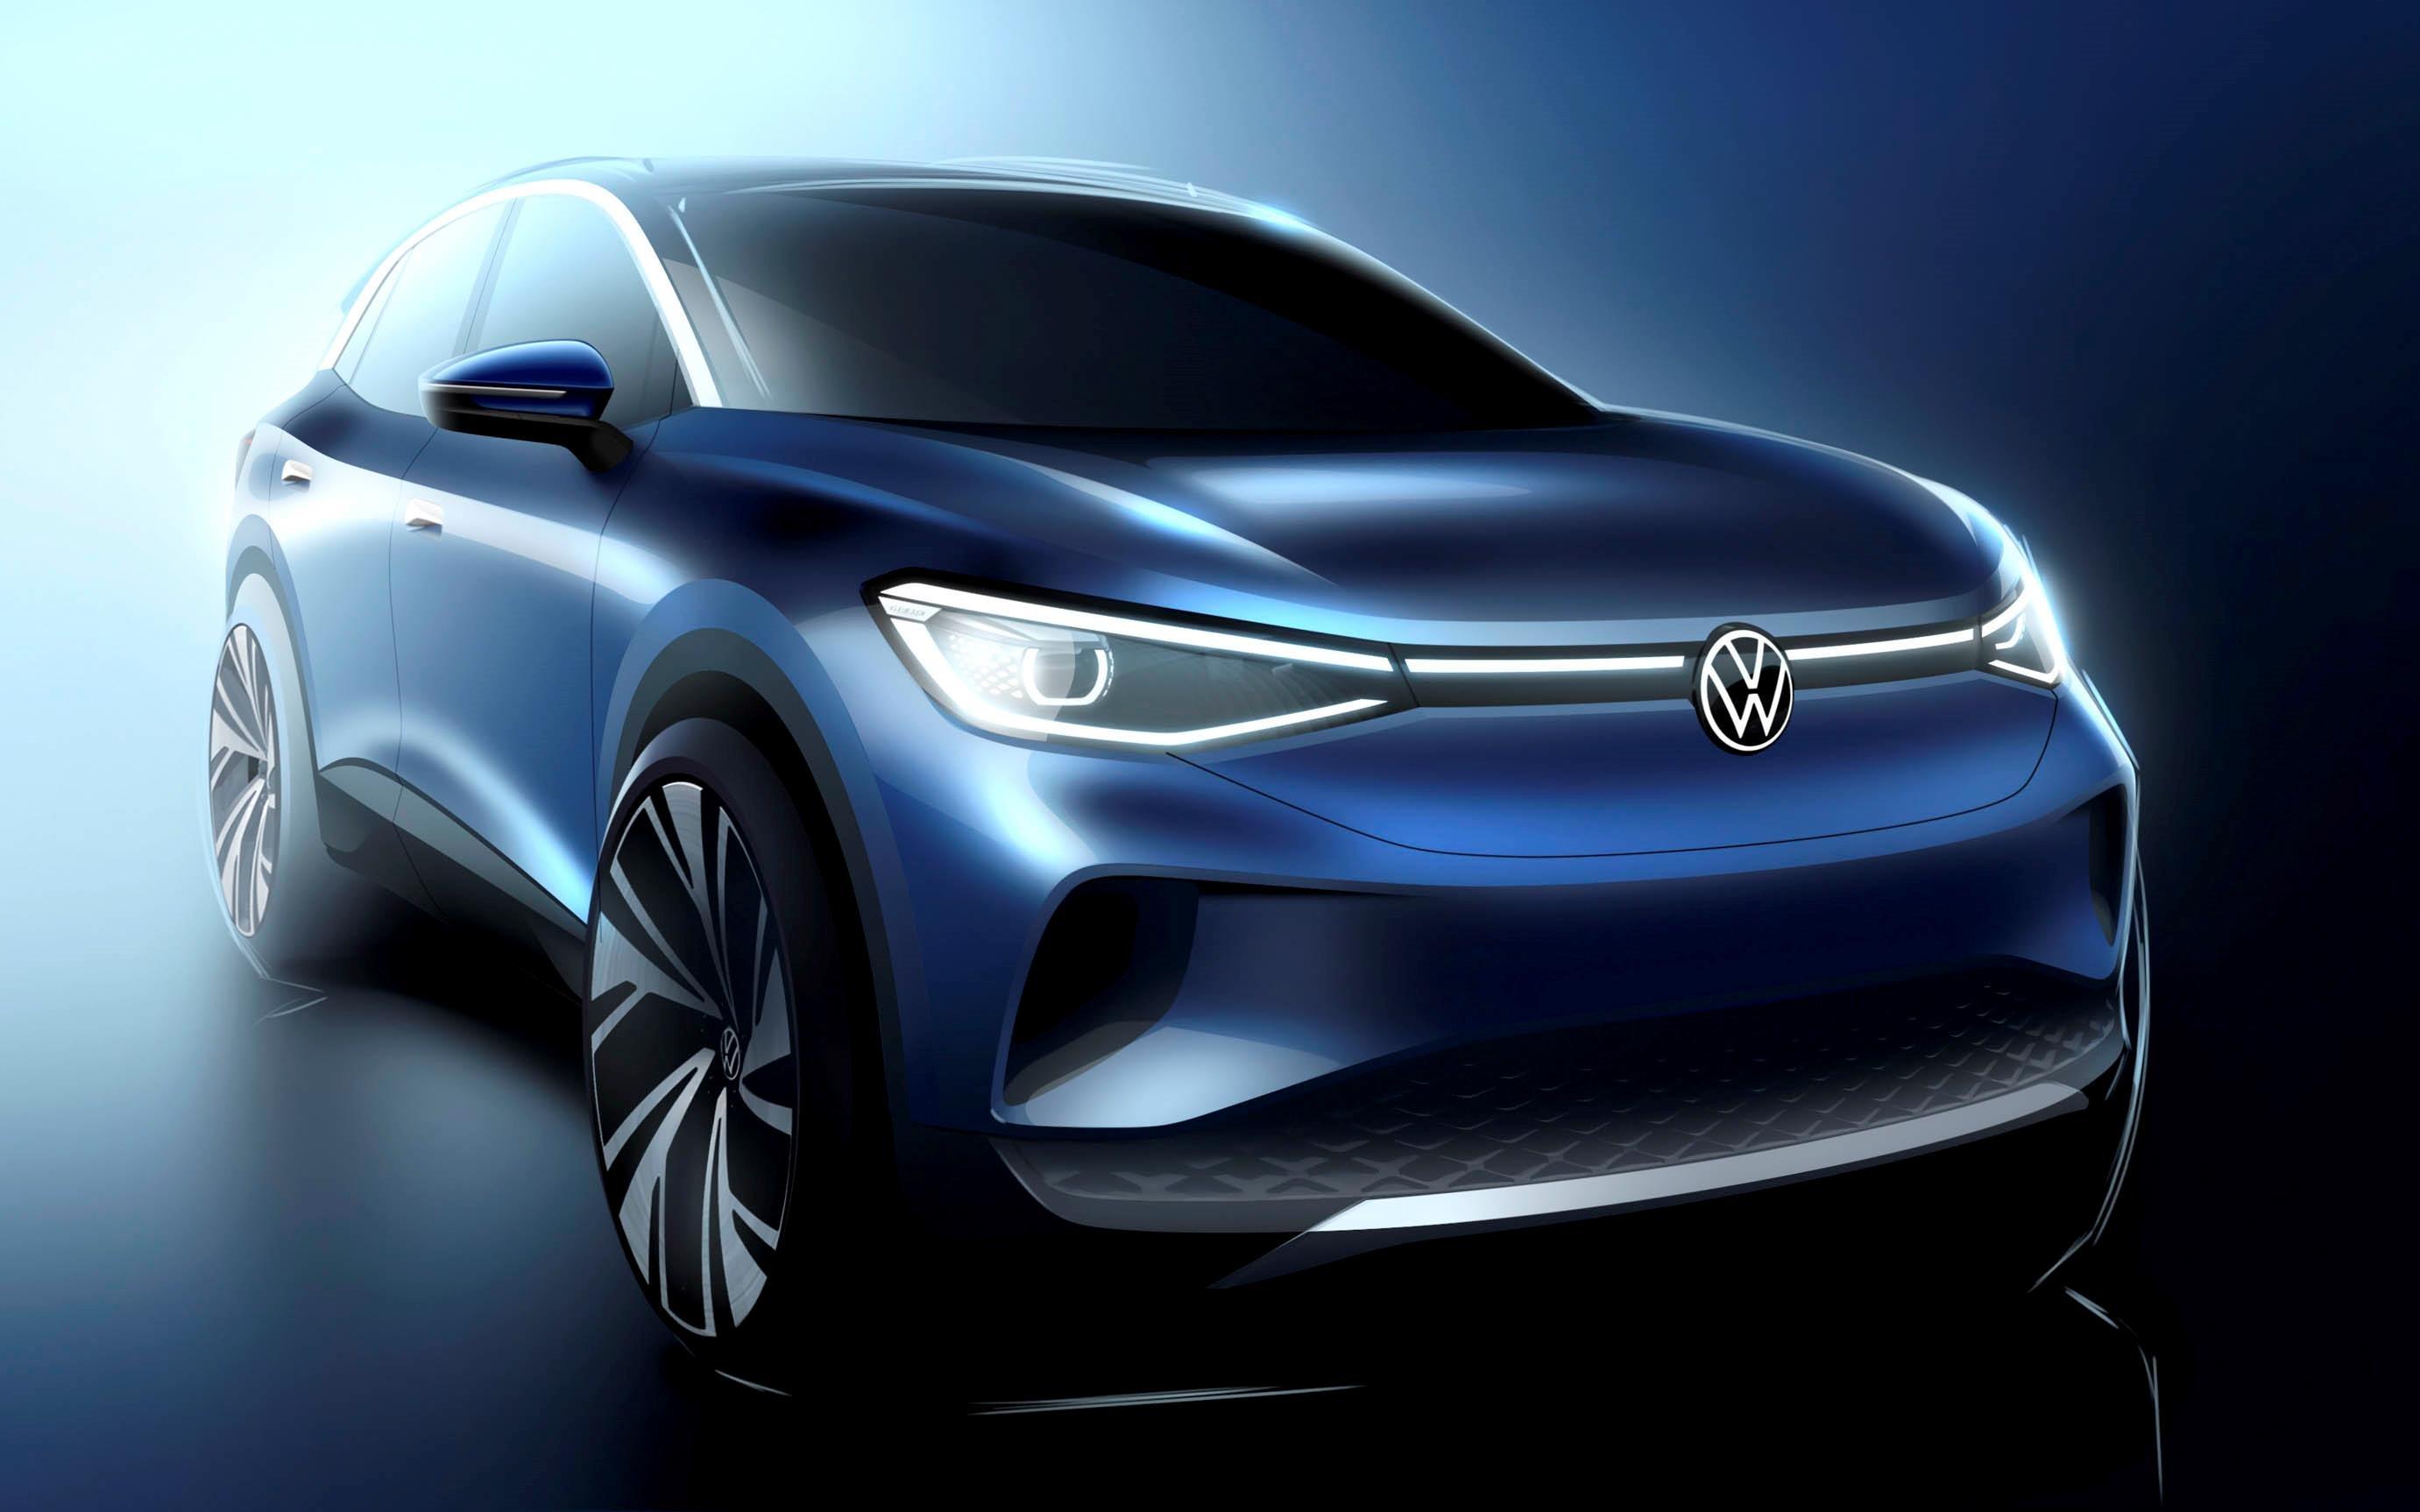 شاهد| تصميمات أول SUV كهربائية من فولكس فاجن